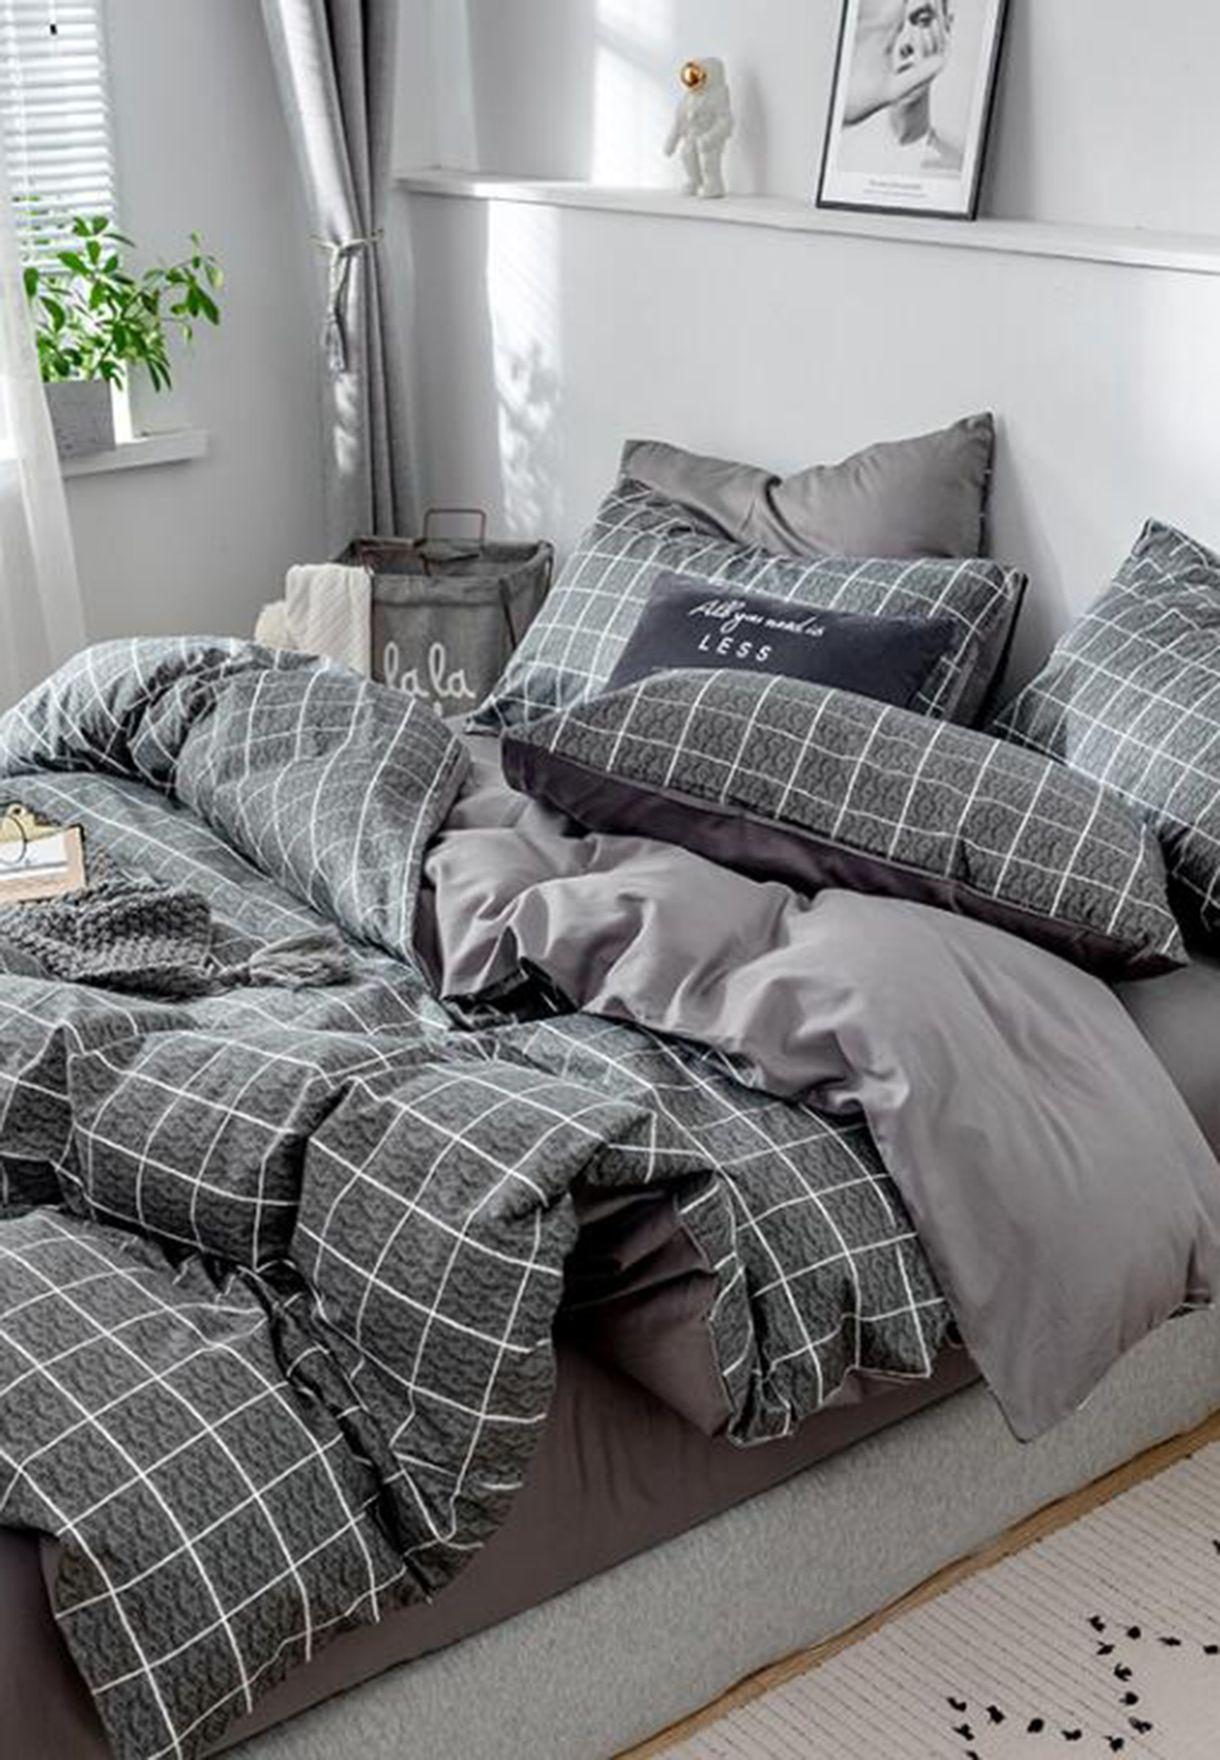 طقم اغطية للسرير بطبعات مربعات 200 × 230 سم